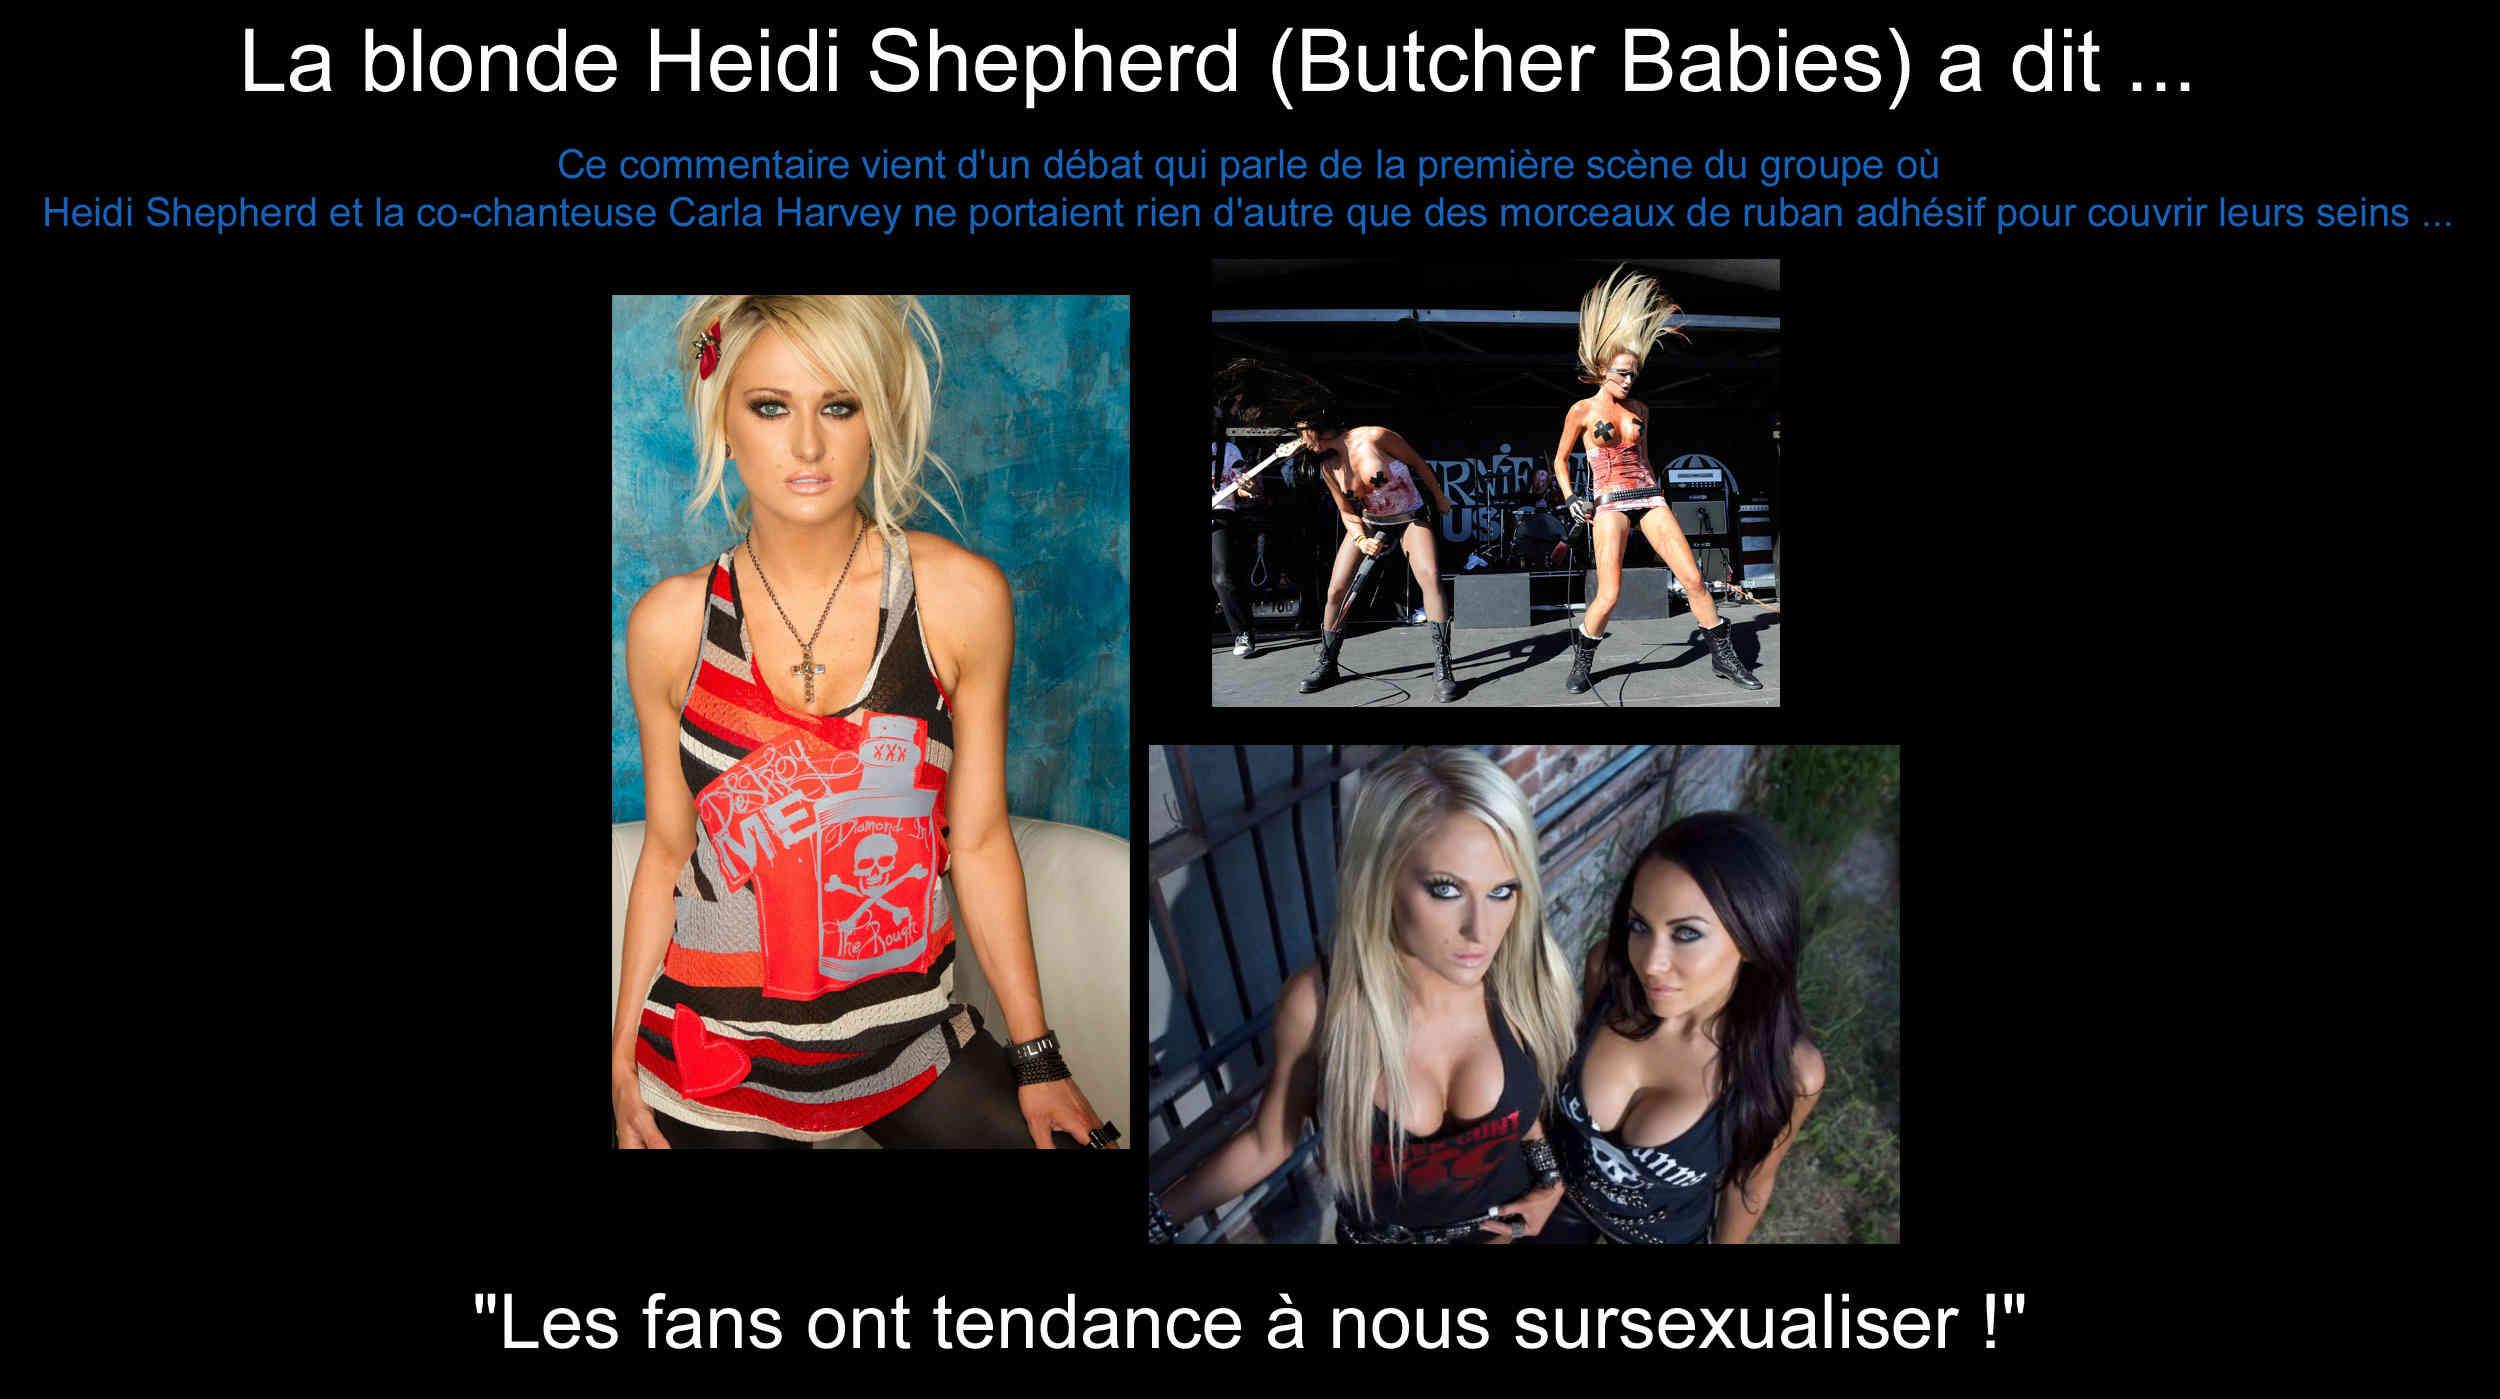 La blonde Heidi Shepherd (Butcher Babies) a dit ... sur l'image qu'elle renvoit avec sa co-chanteuse ... 8ab9f010